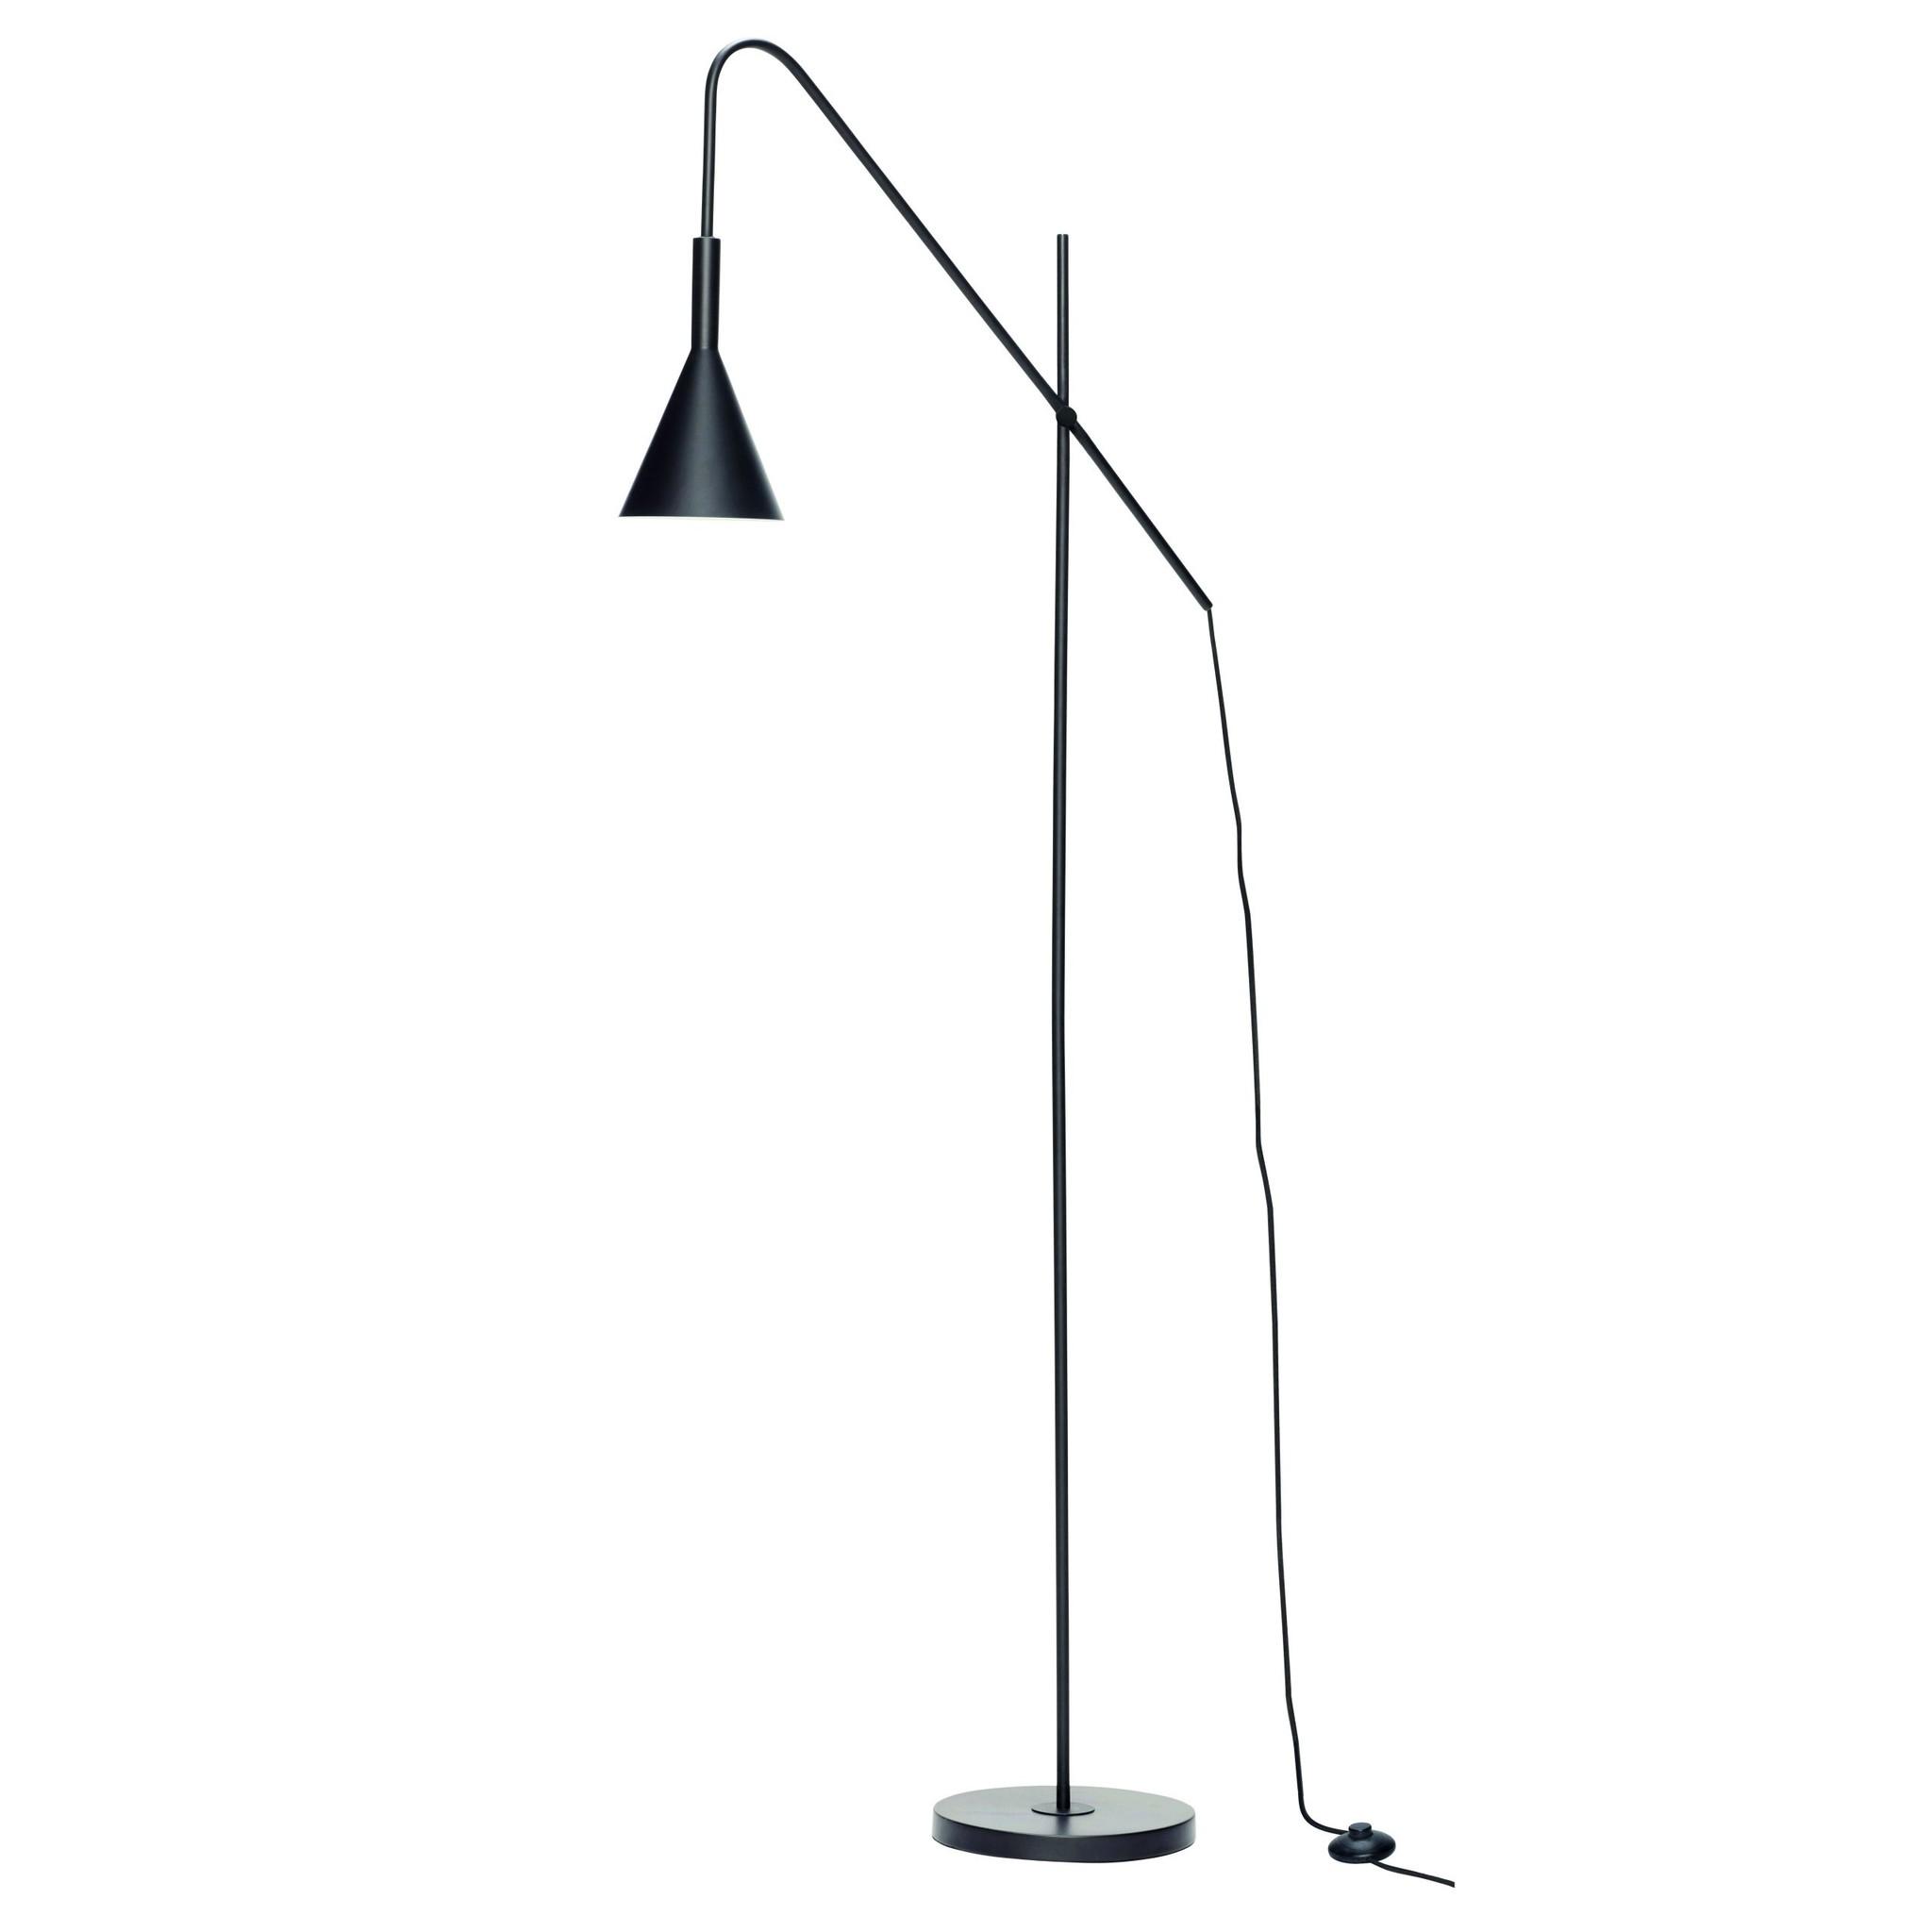 Hübsch vloerlamp, zwart